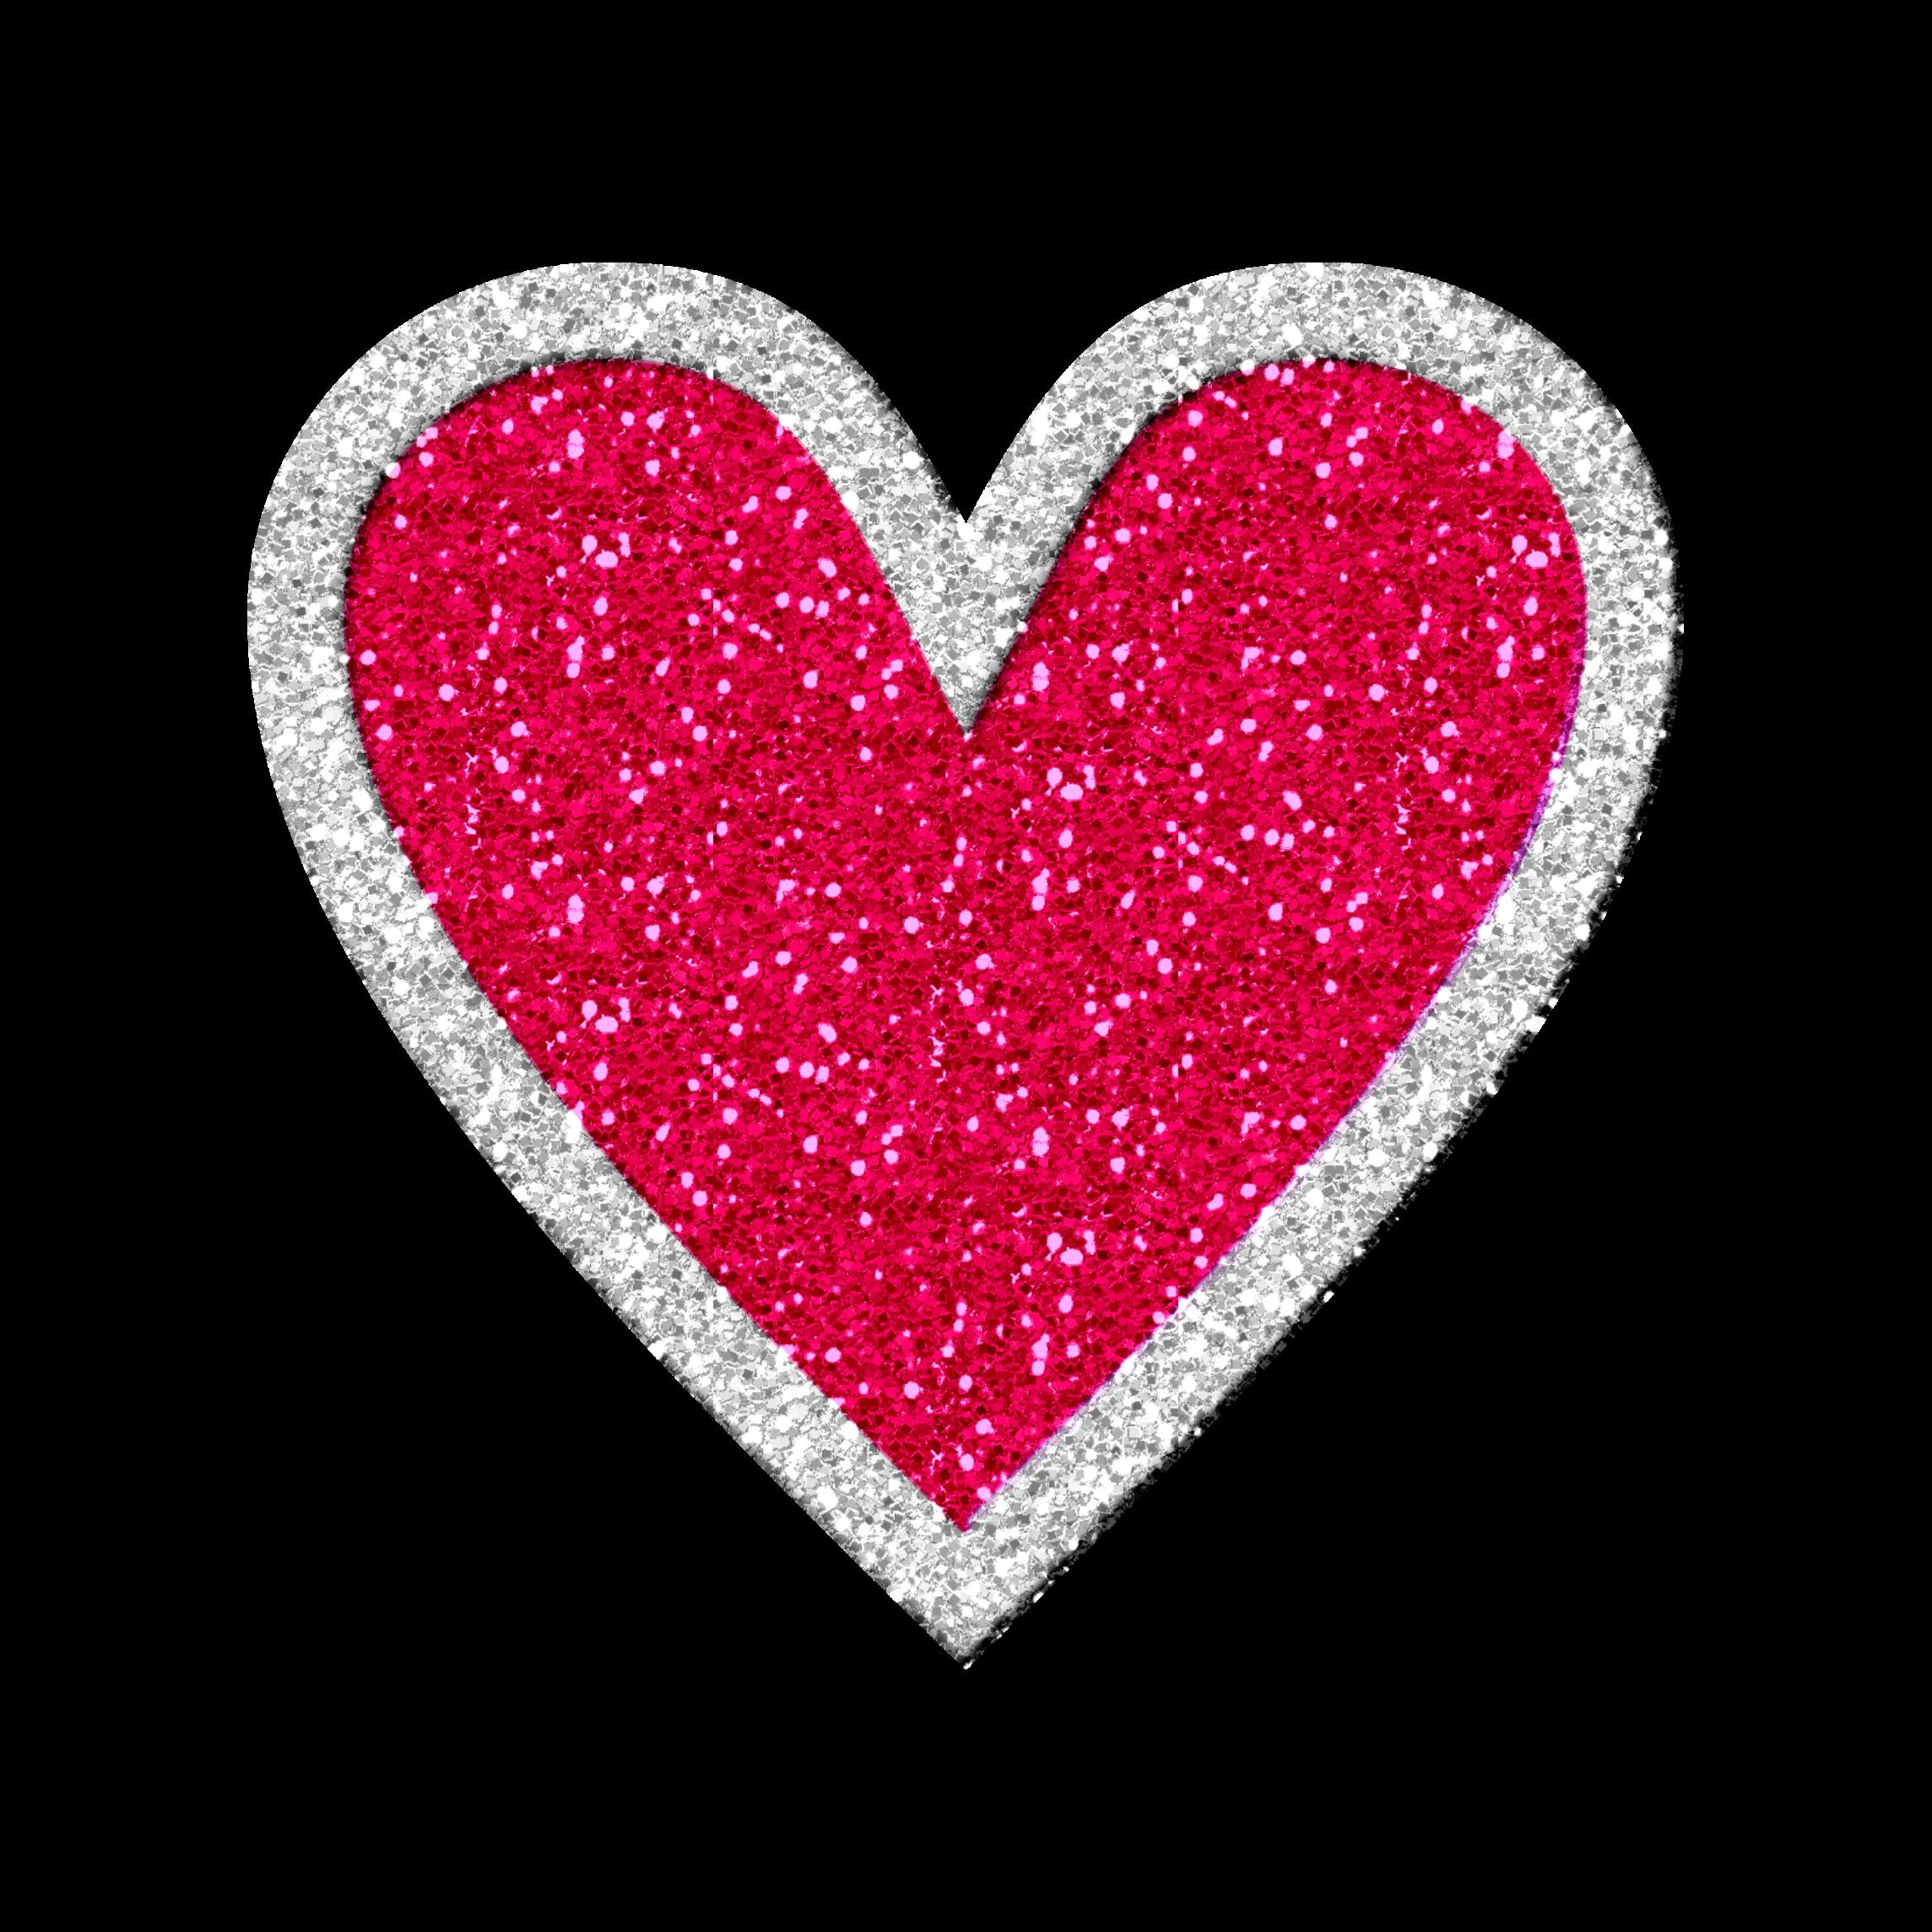 согласились, что картинки сердечки красивые блестящие на весь подтверждают да, странный